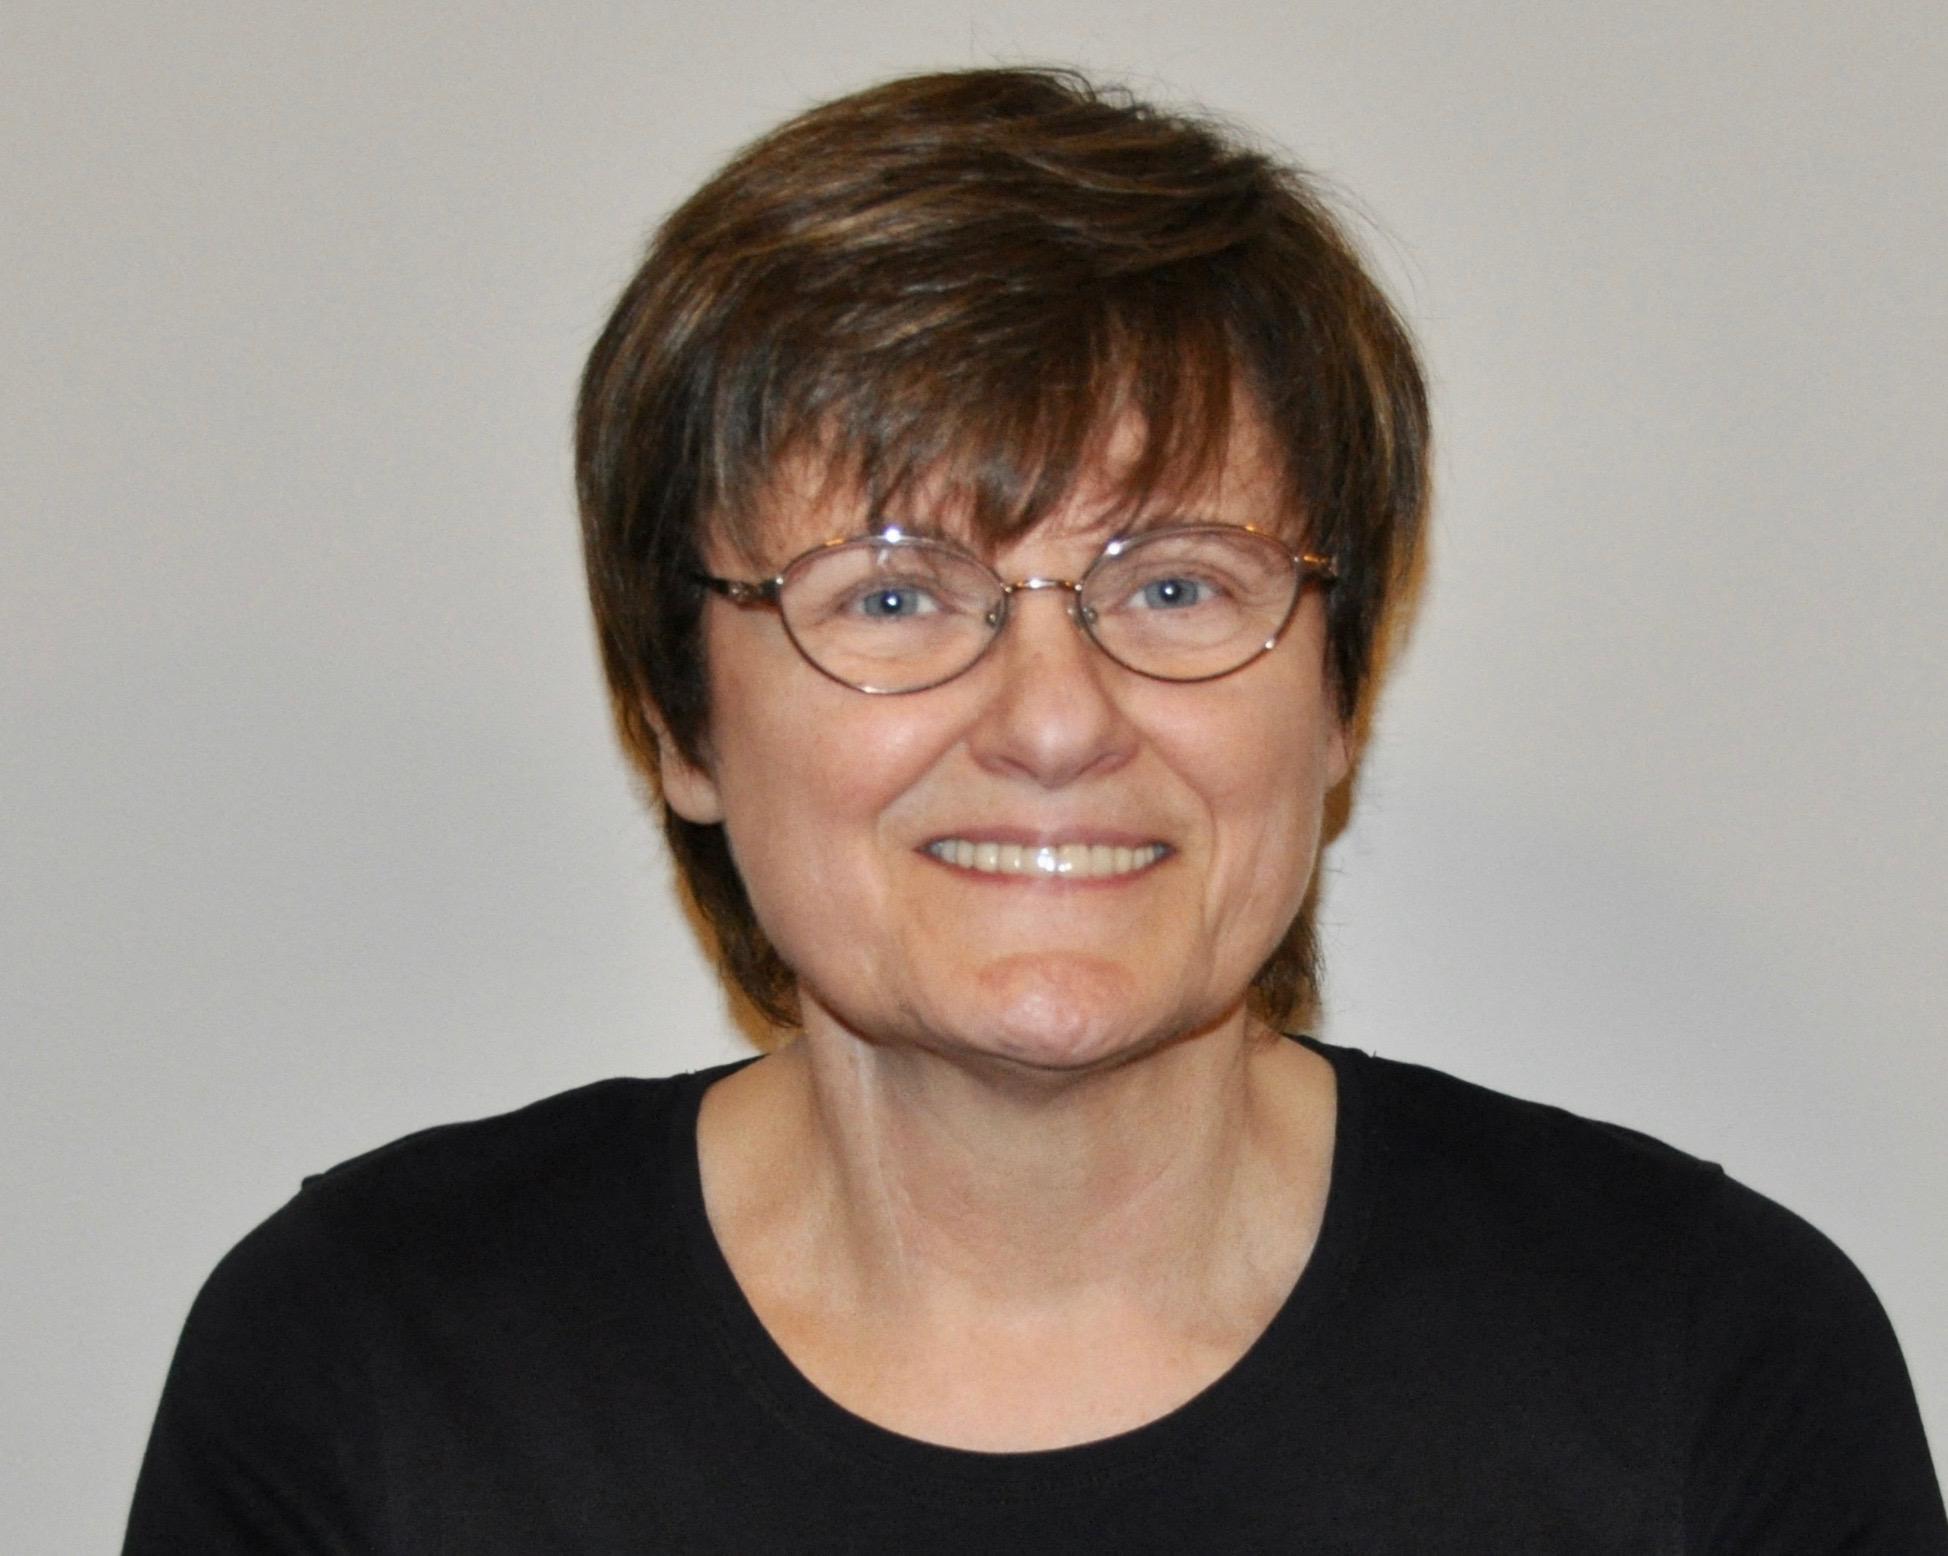 Karikó Katalin is félrevezetőnek tartja a kormány vakcinatáblázatát